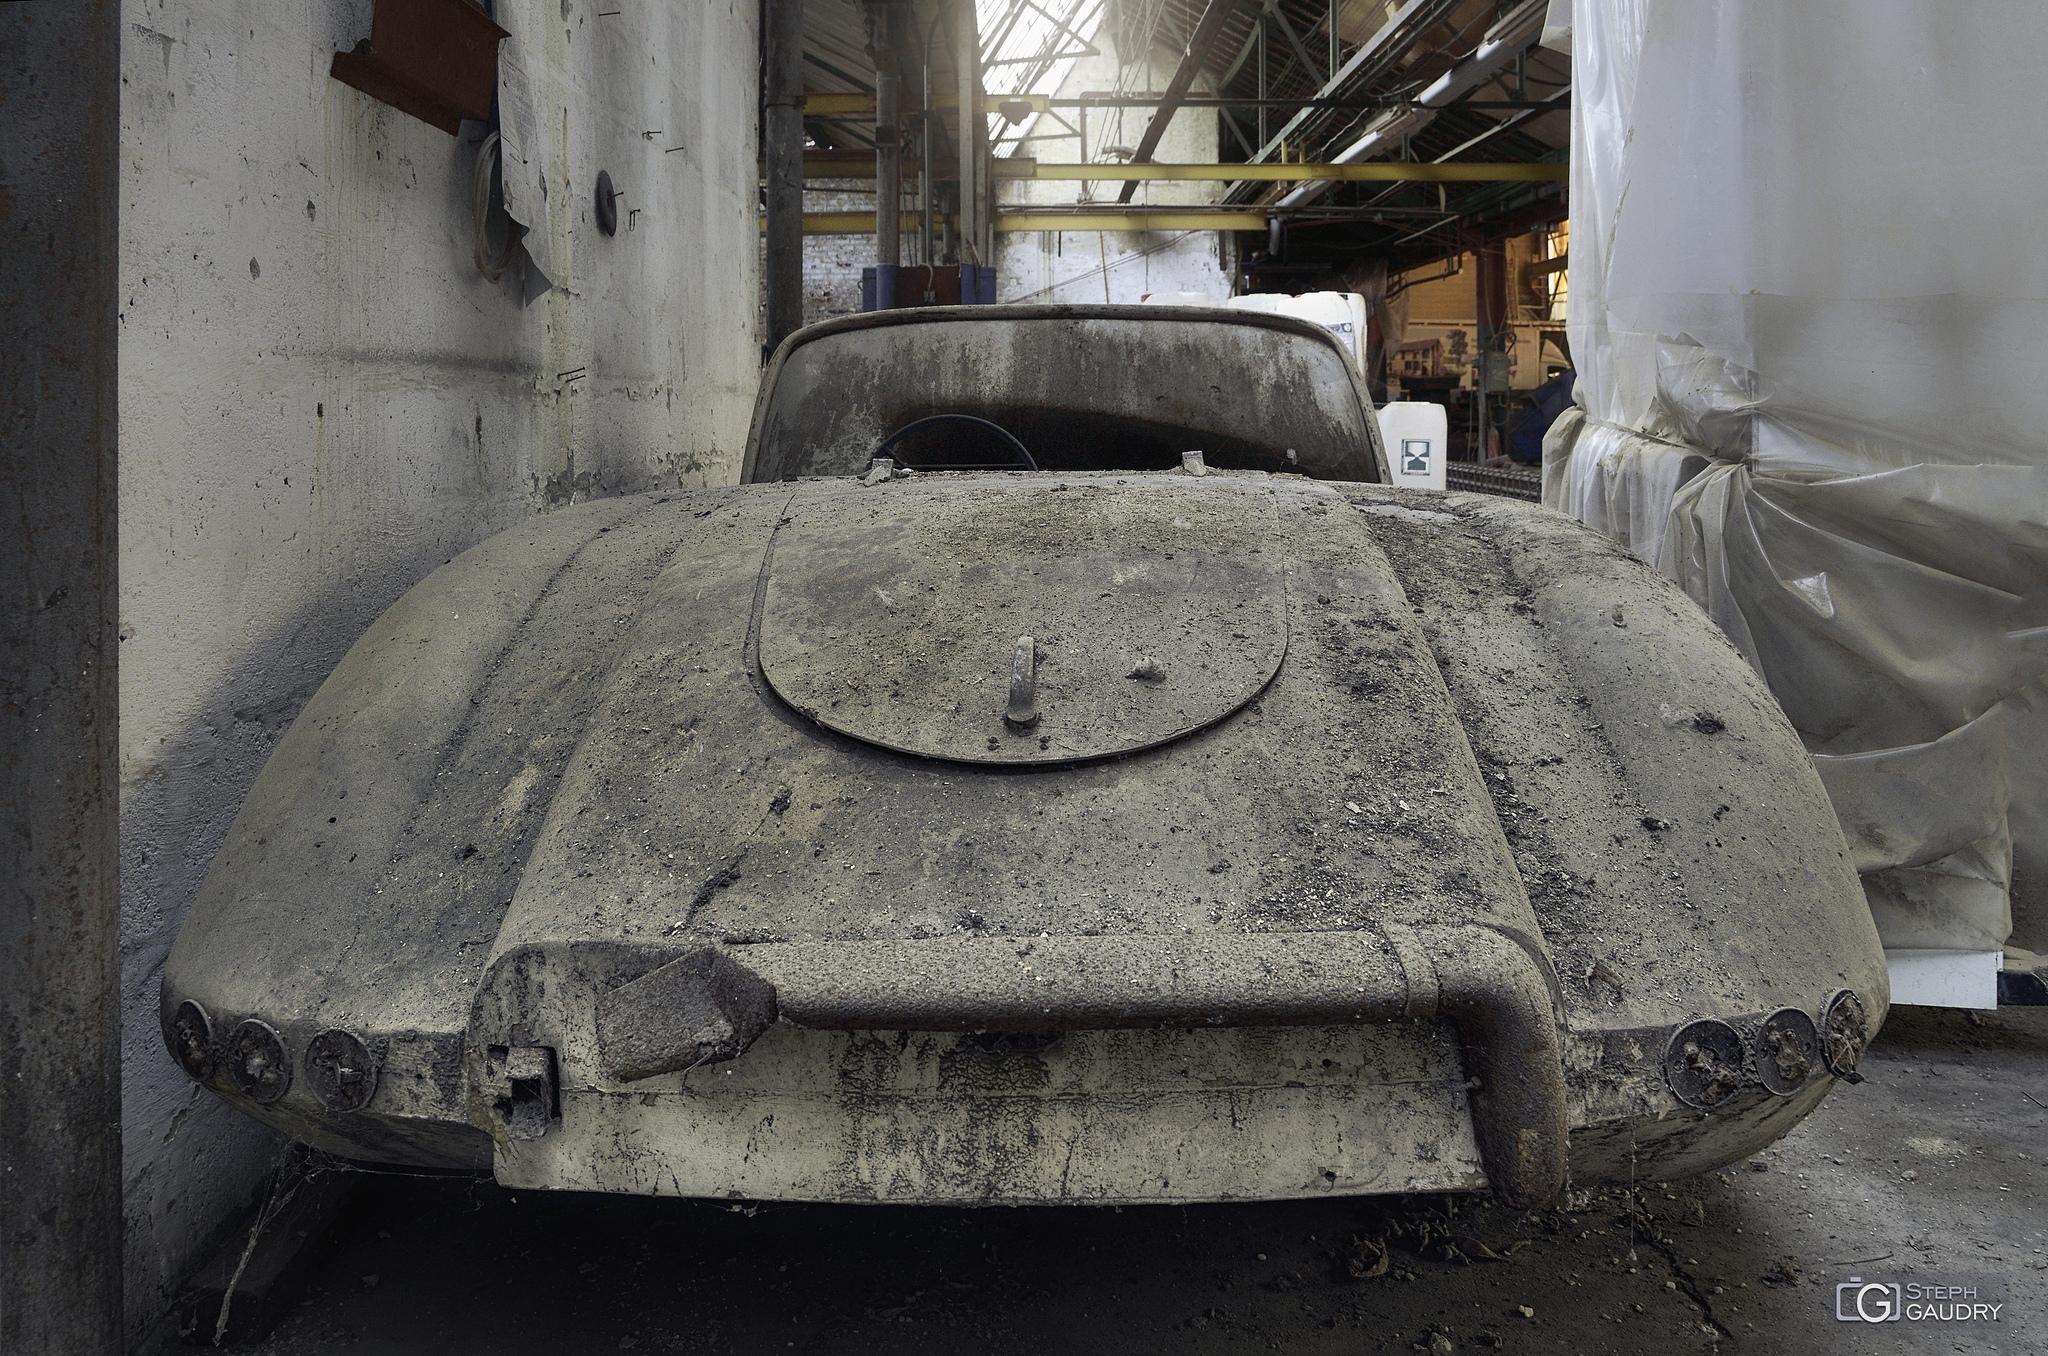 Garage Imperia - voiture abandonnée - arrière [Cliquez pour lancer le diaporama]